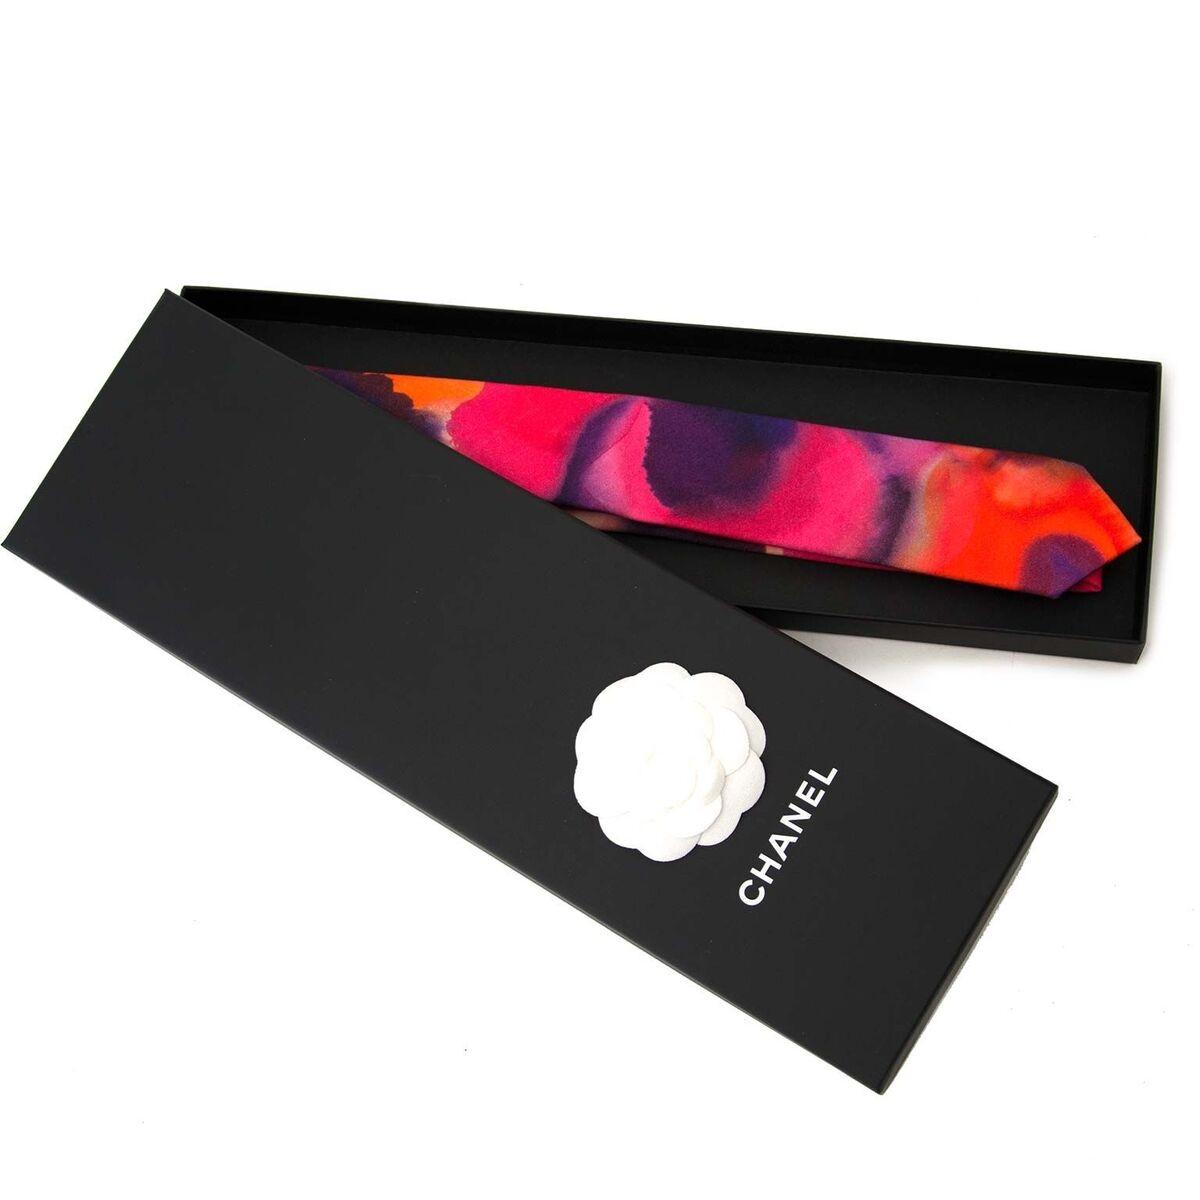 Koop authentieke tweedehands Chanel waterkleur Multi kleur stropdas aan een eerlijke prijs bij LabelLOV. Veilig online shoppen.